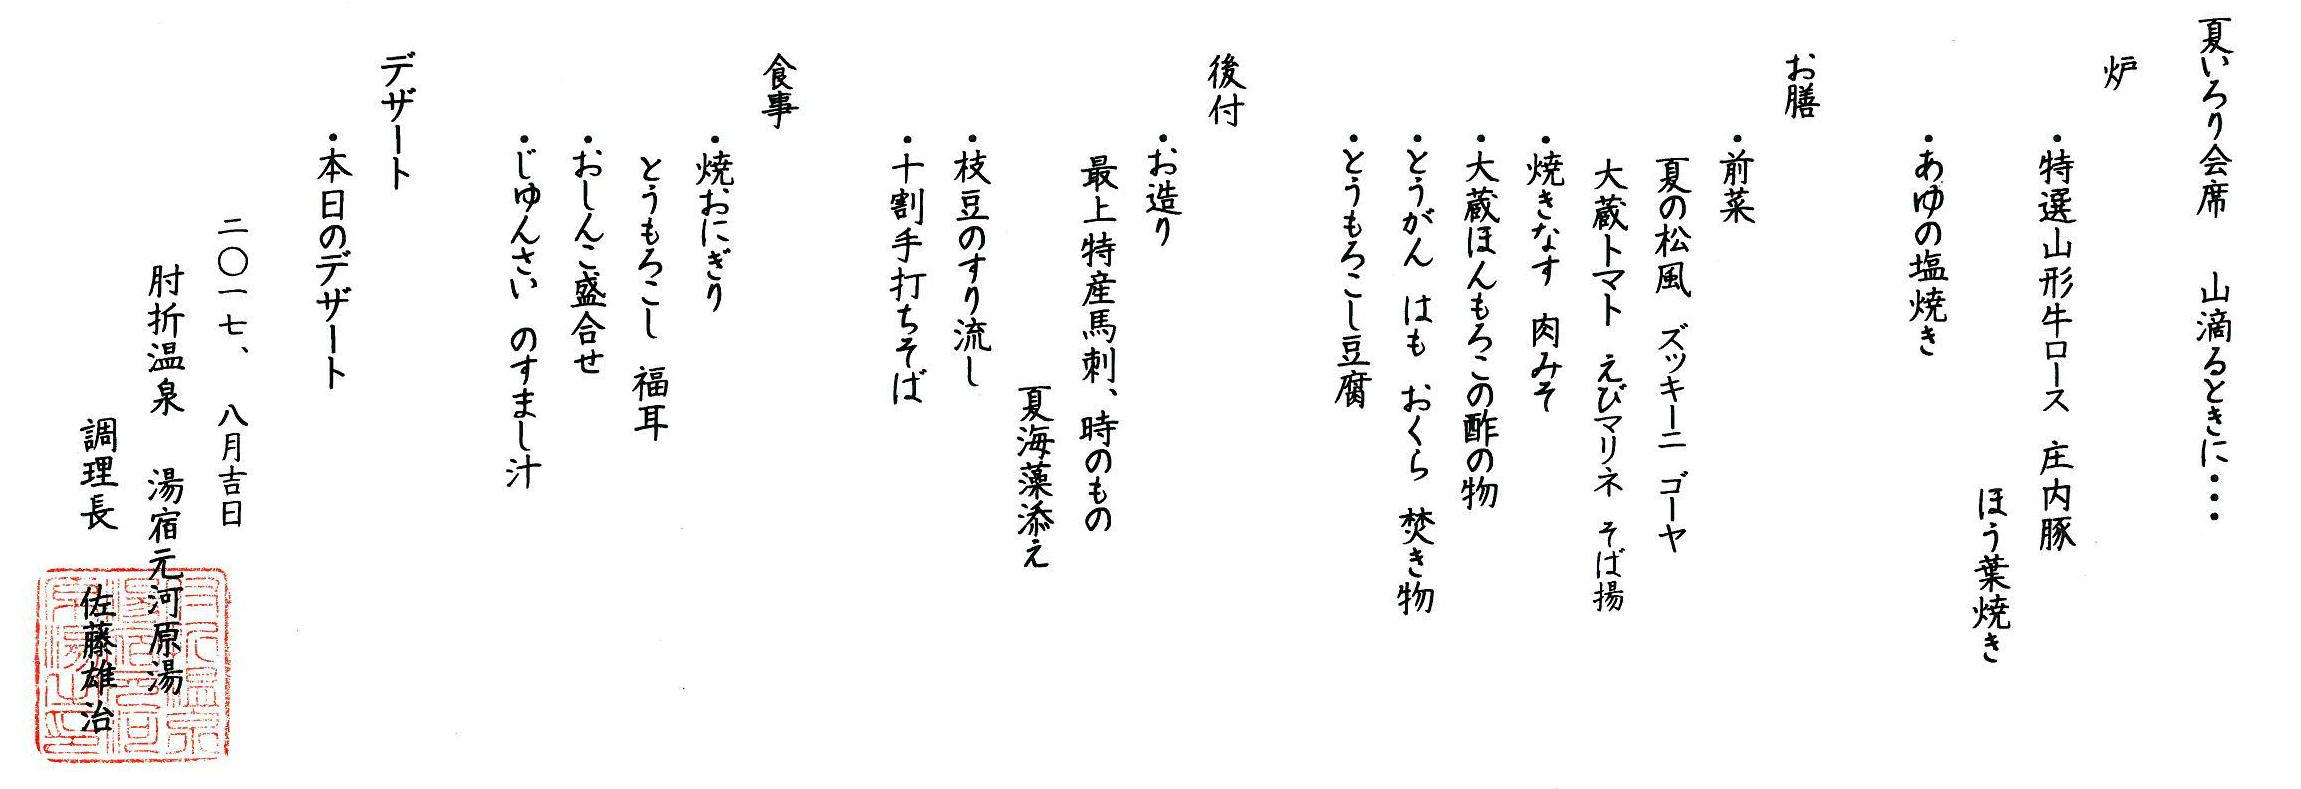 グルメ01111